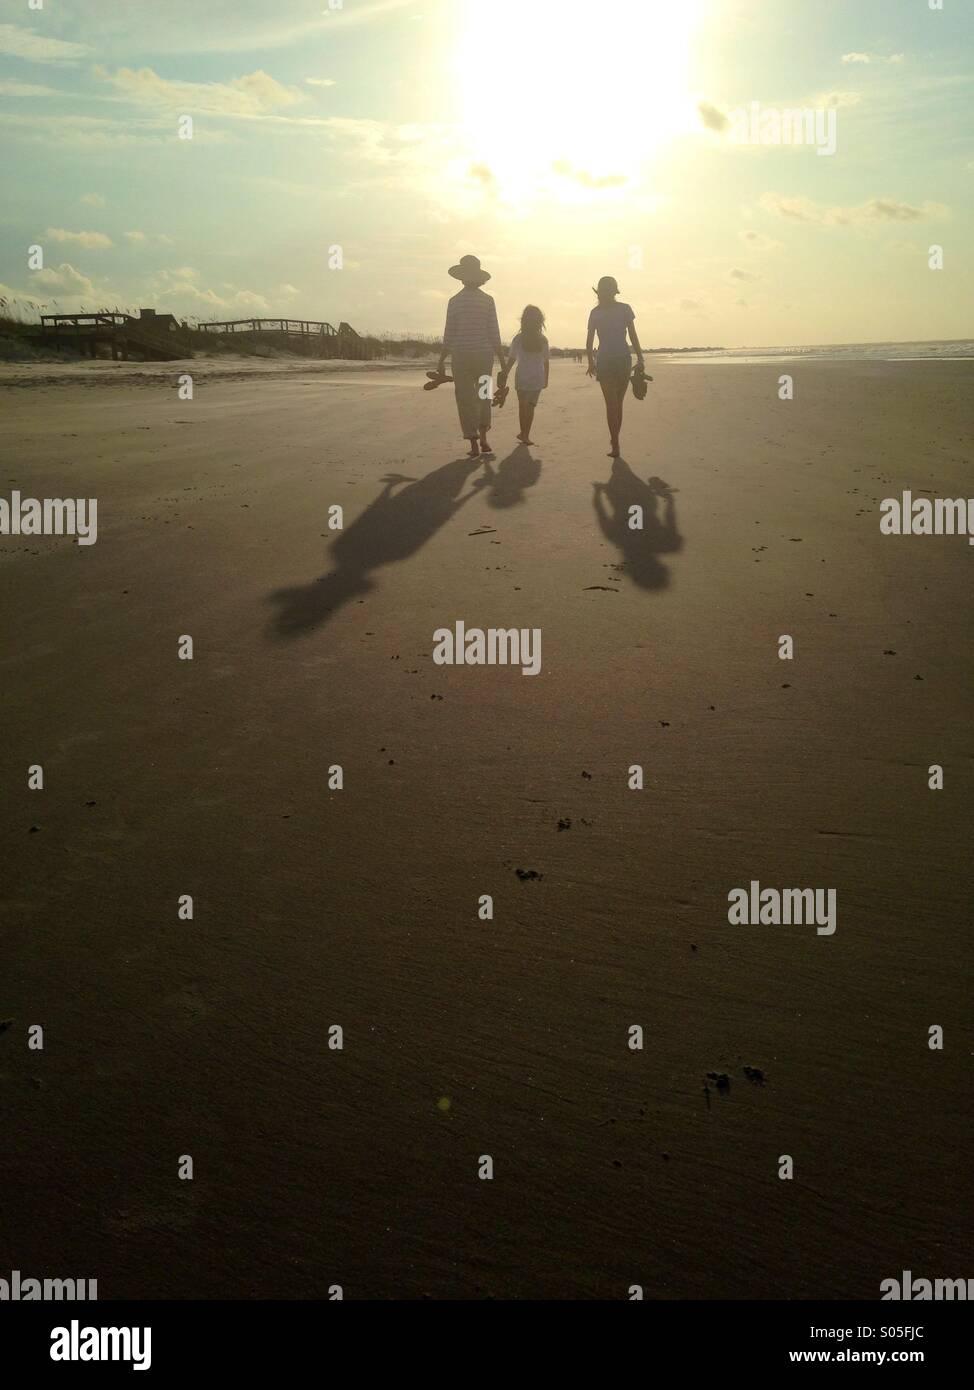 Die Silhouetten der drei Personen Fuß entlang des Strandes im Morgenlicht. Stockbild